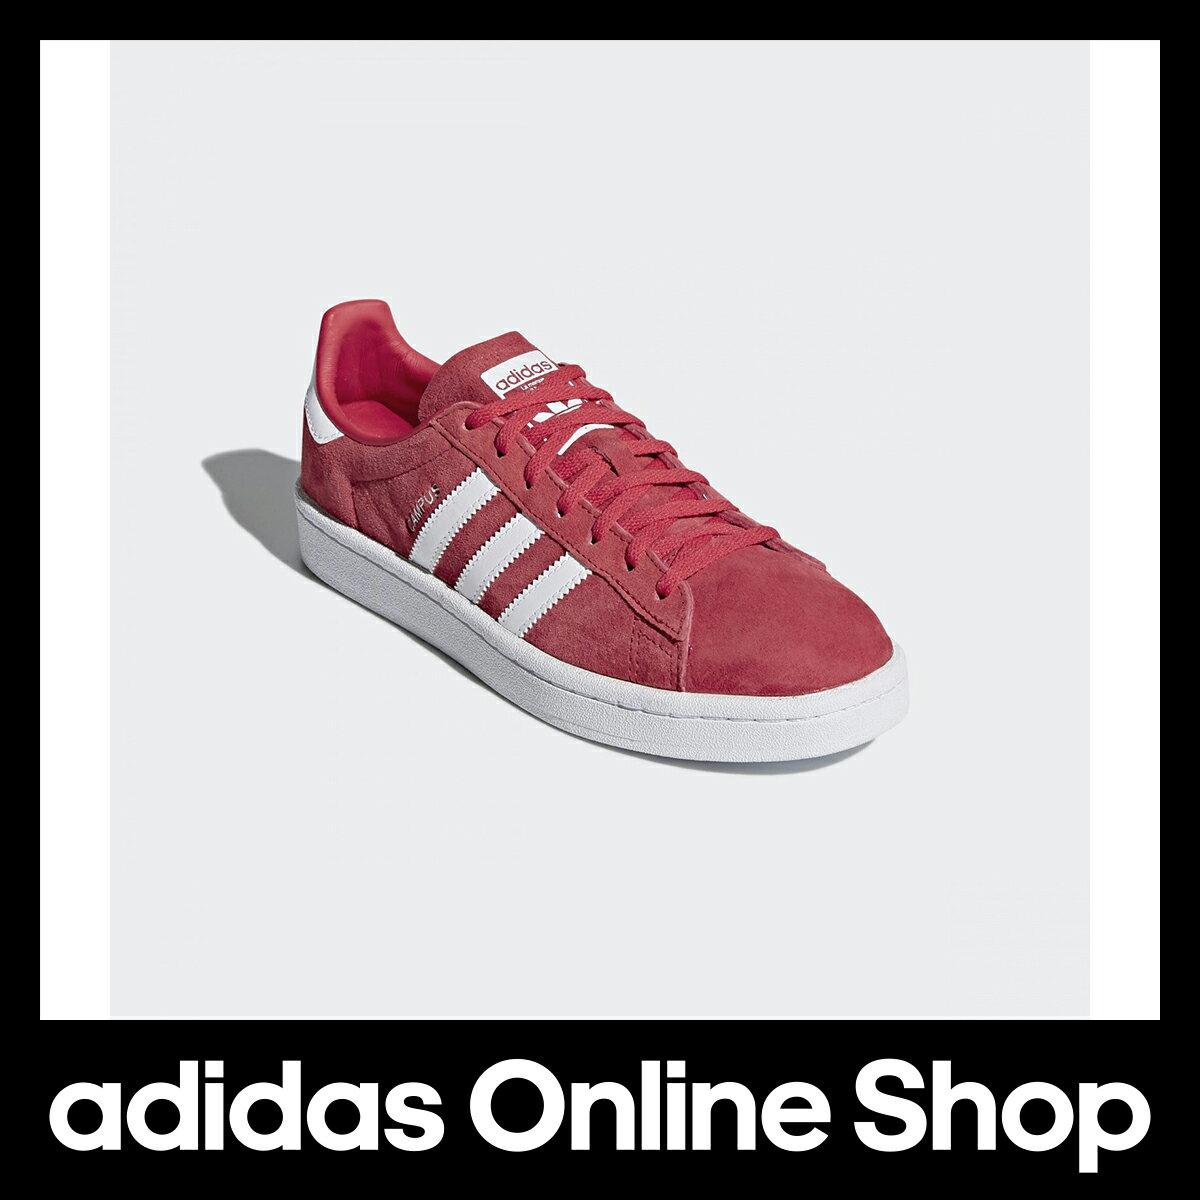 【公式】アディダス adidas CAMPUS W レディース DB1018 シューズ 合成繊維 ゴム底